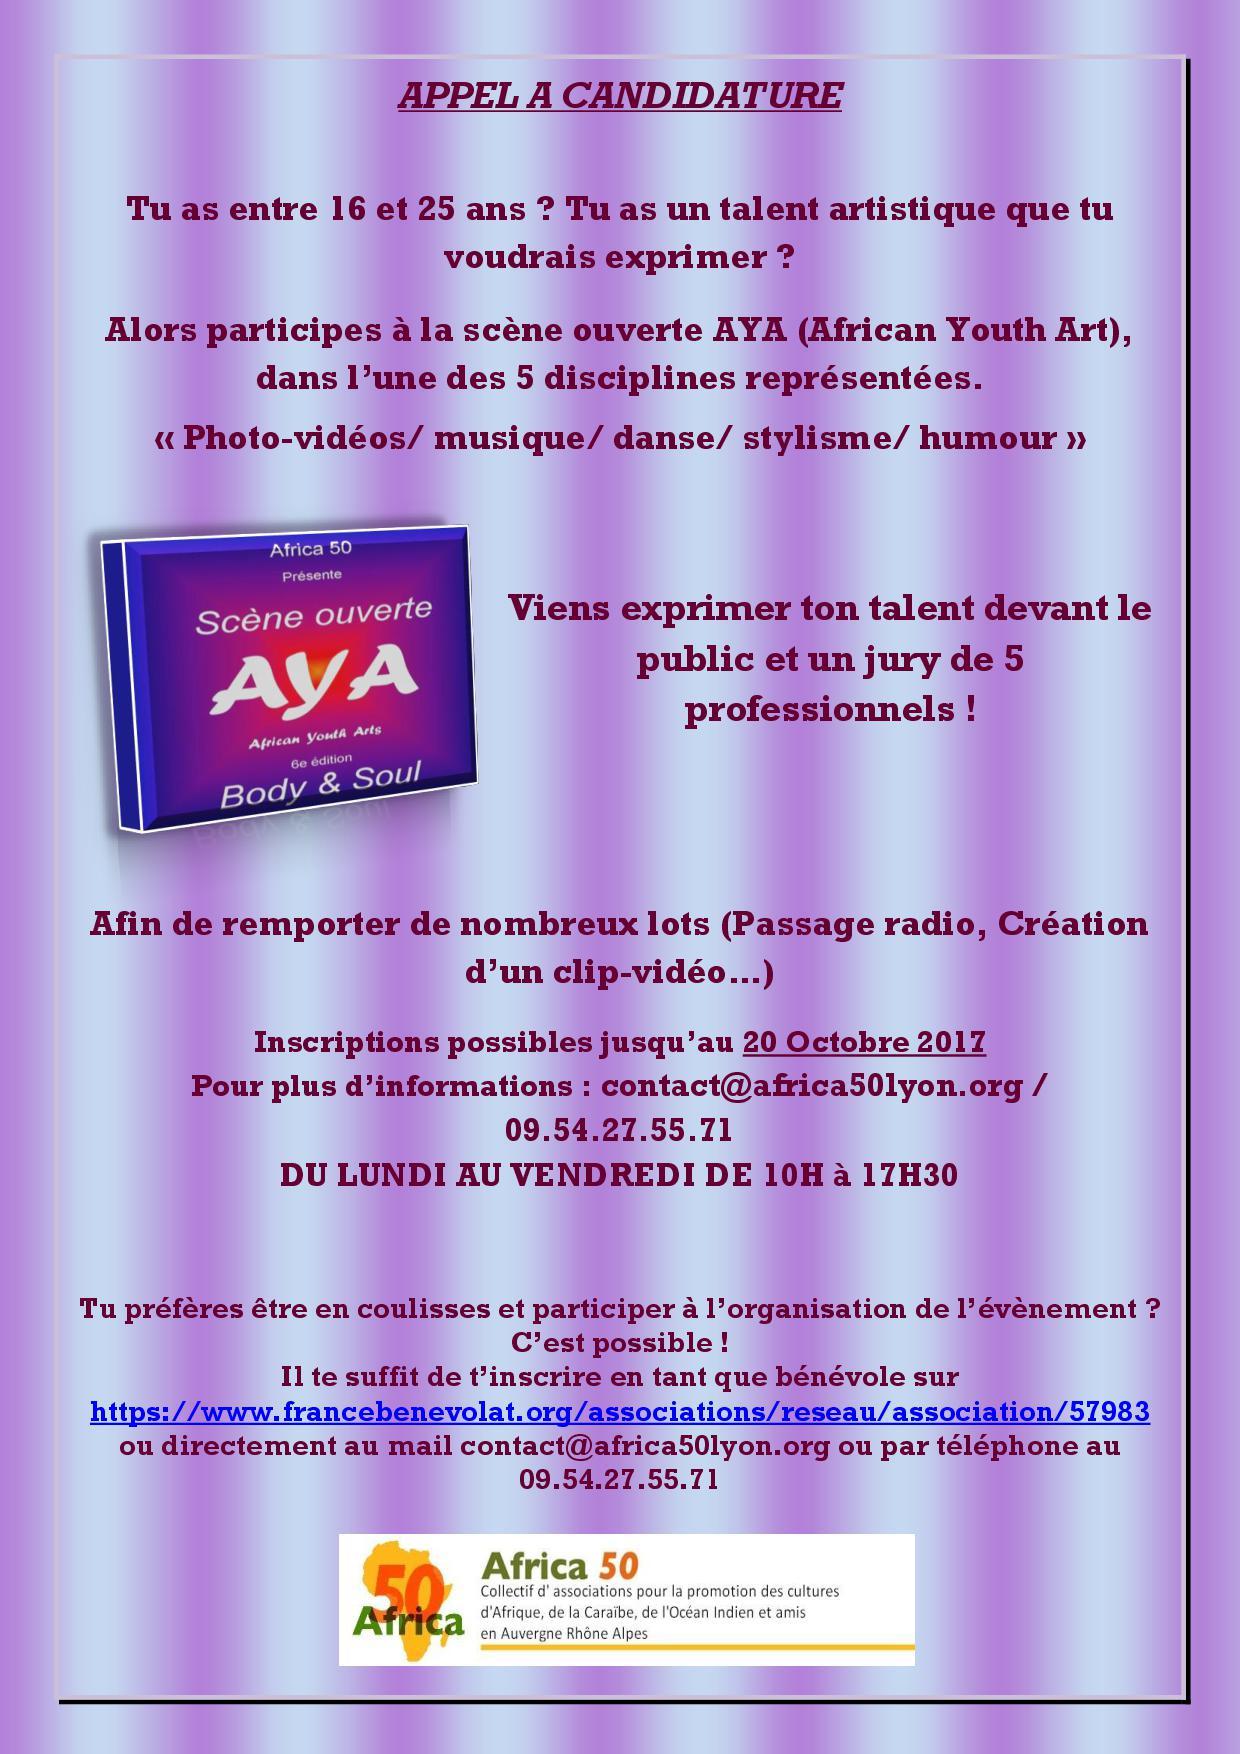 Appel à candidatures scène ouverte AYA (African Youth Art) 6e édition de Body & Soul le 22 décembre 2017